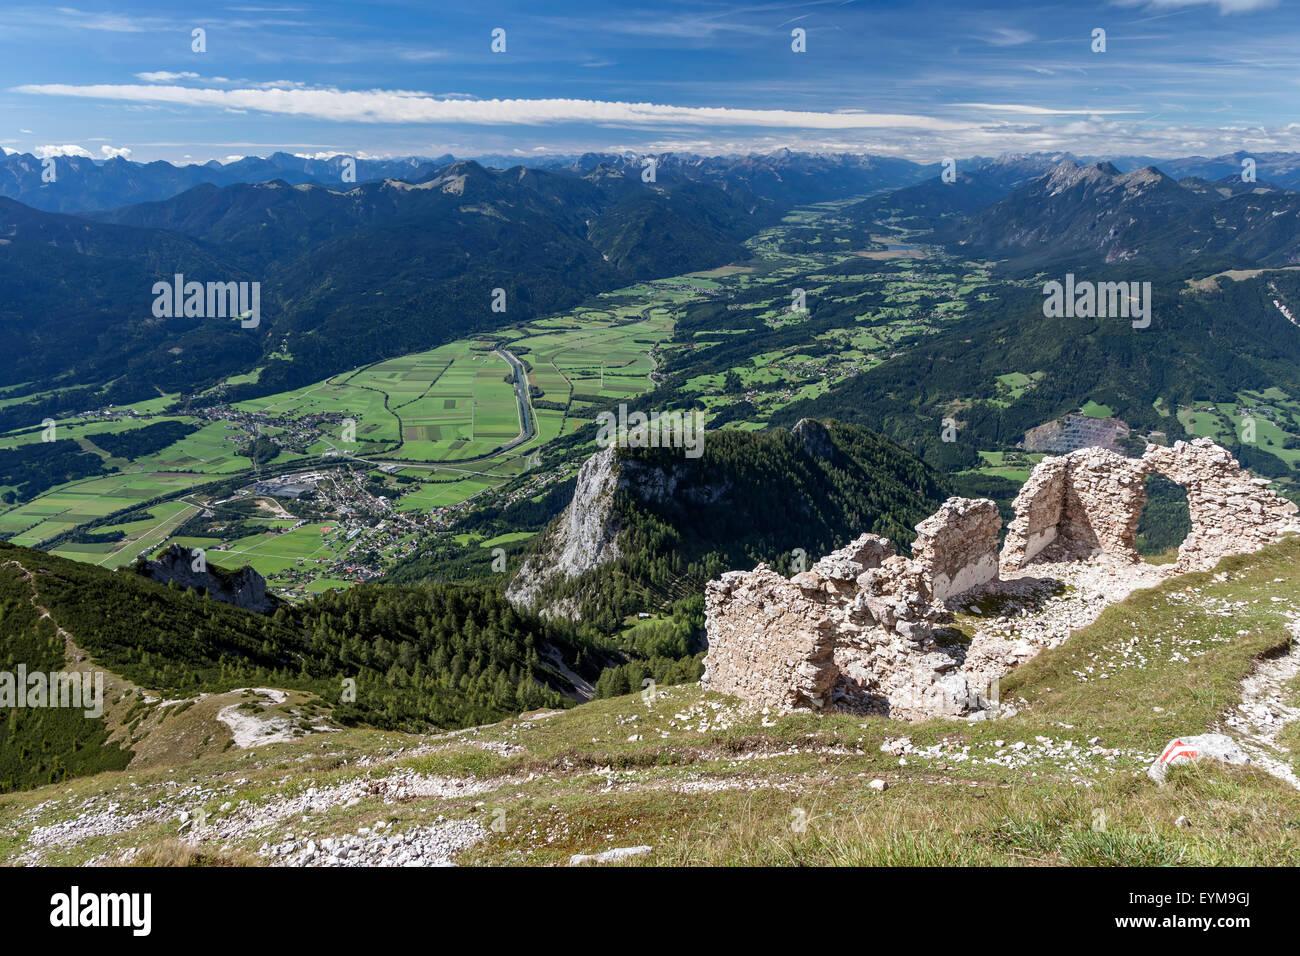 Blick vom Gipfel des Dobratsch ins Gailtal, Kärnten, Österreich - Stock Image